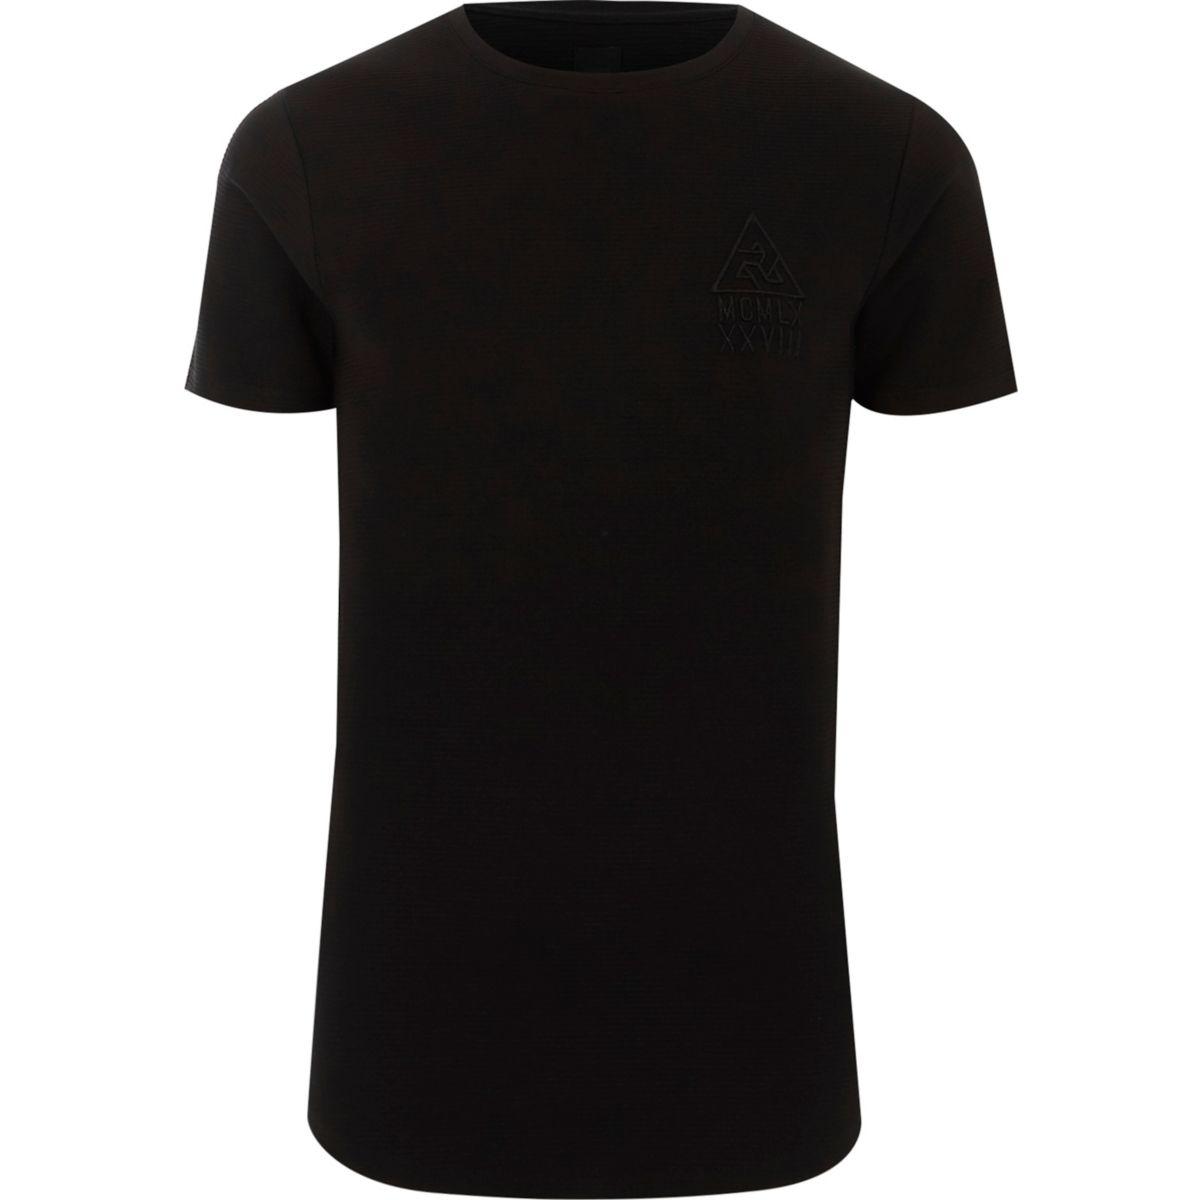 Zwart geribbeld aansluitend T-shirt met logo